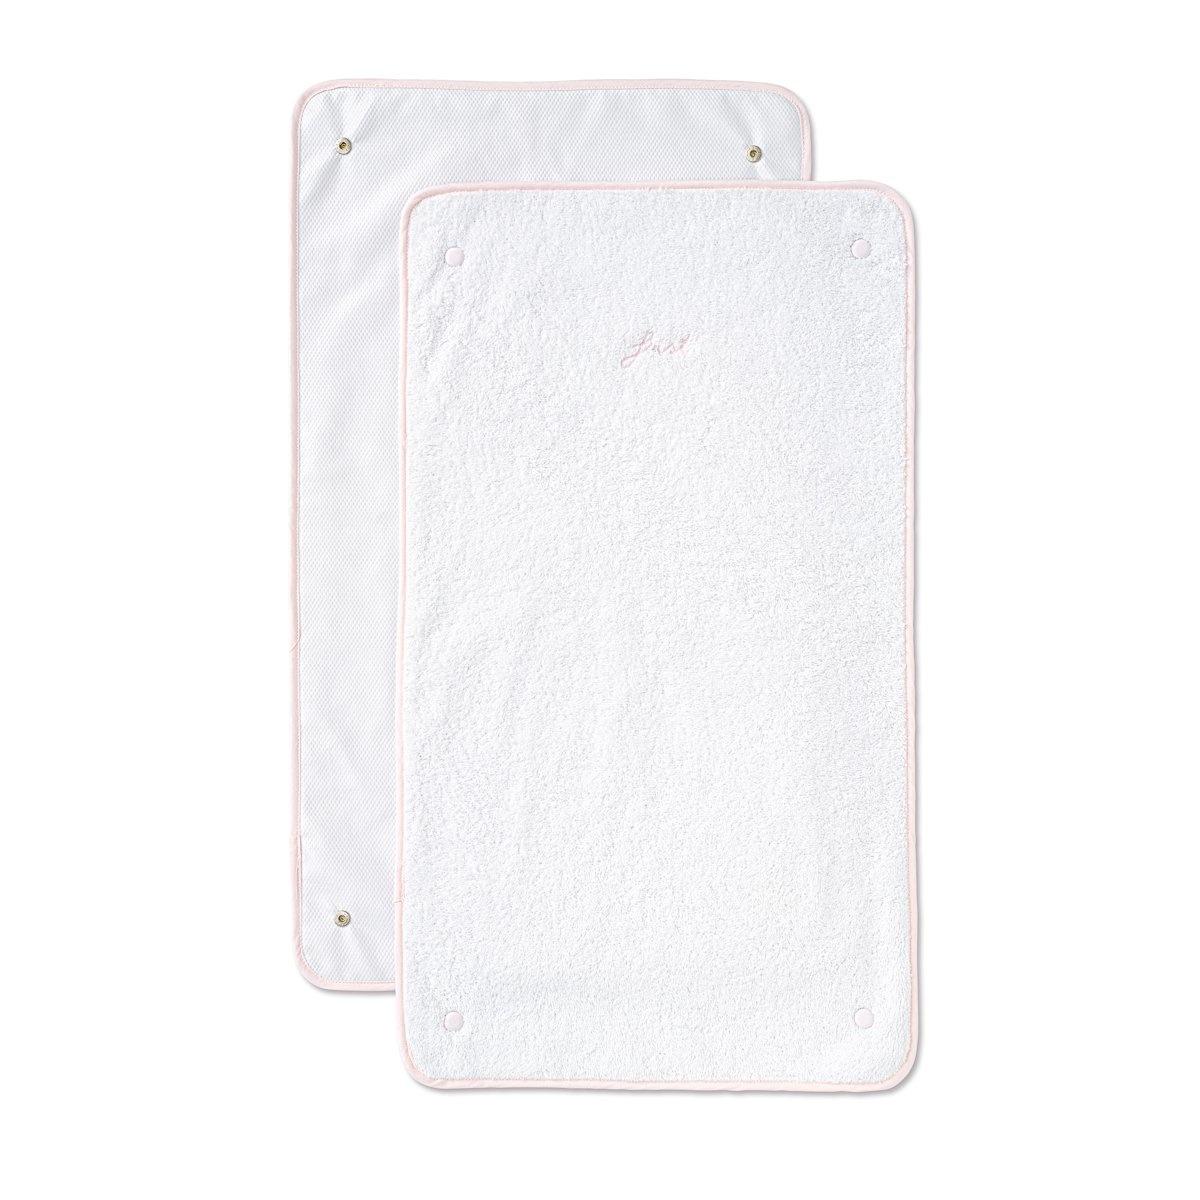 2 extra doekjes voor waskussenovertrek First-1